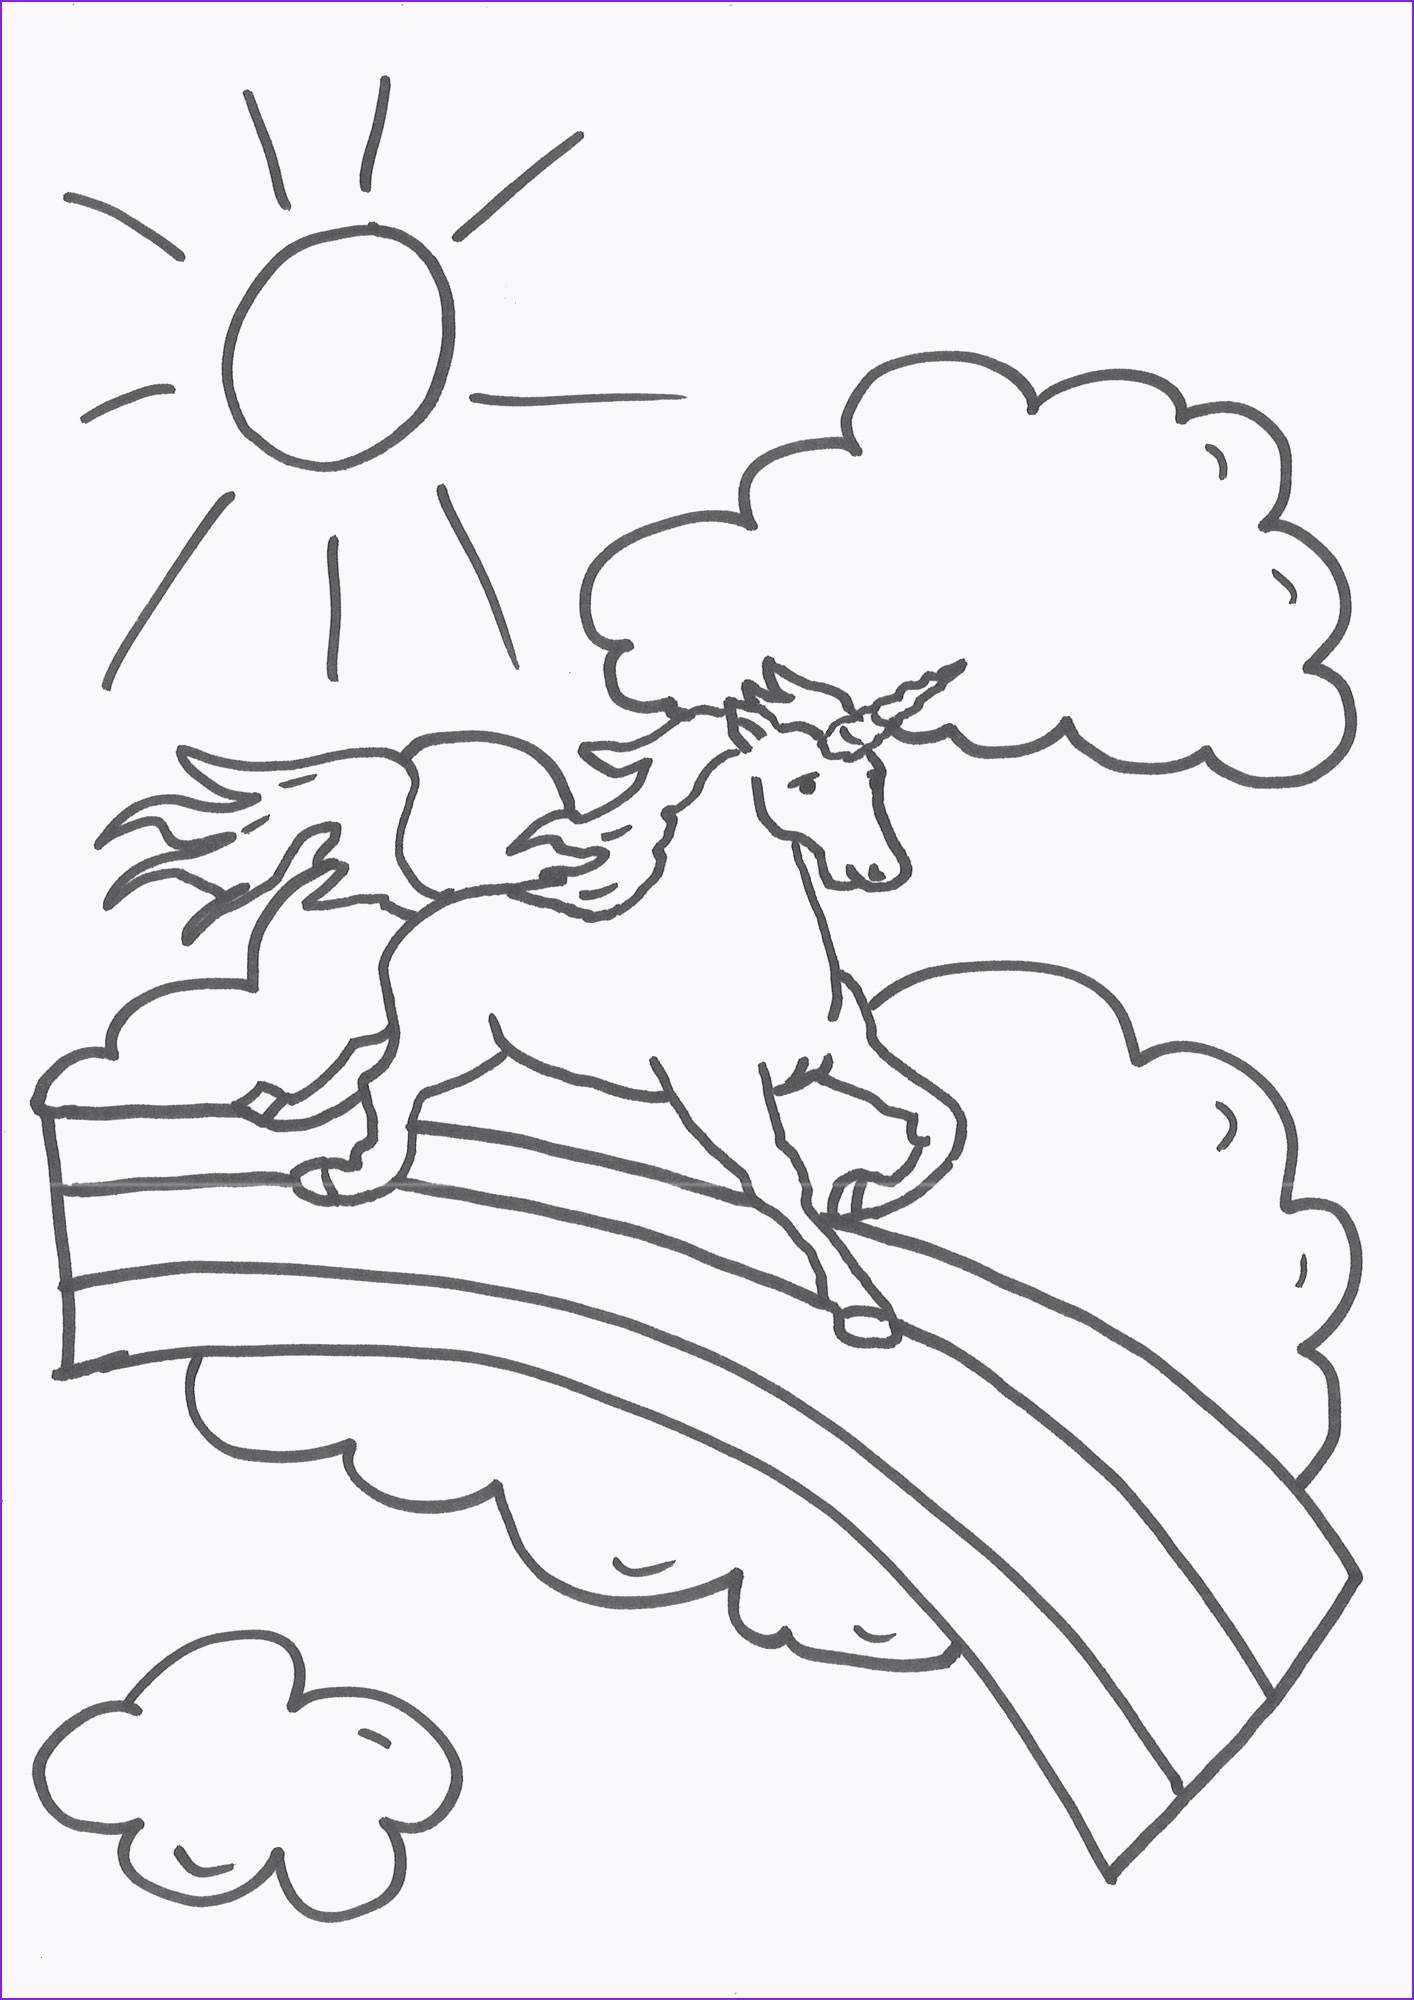 Einhorn Ausmalbilder Zum Ausdrucken Frisch Malvorlagen Igel Best Igel Grundschule 0d Archives Uploadertalk Das Bild